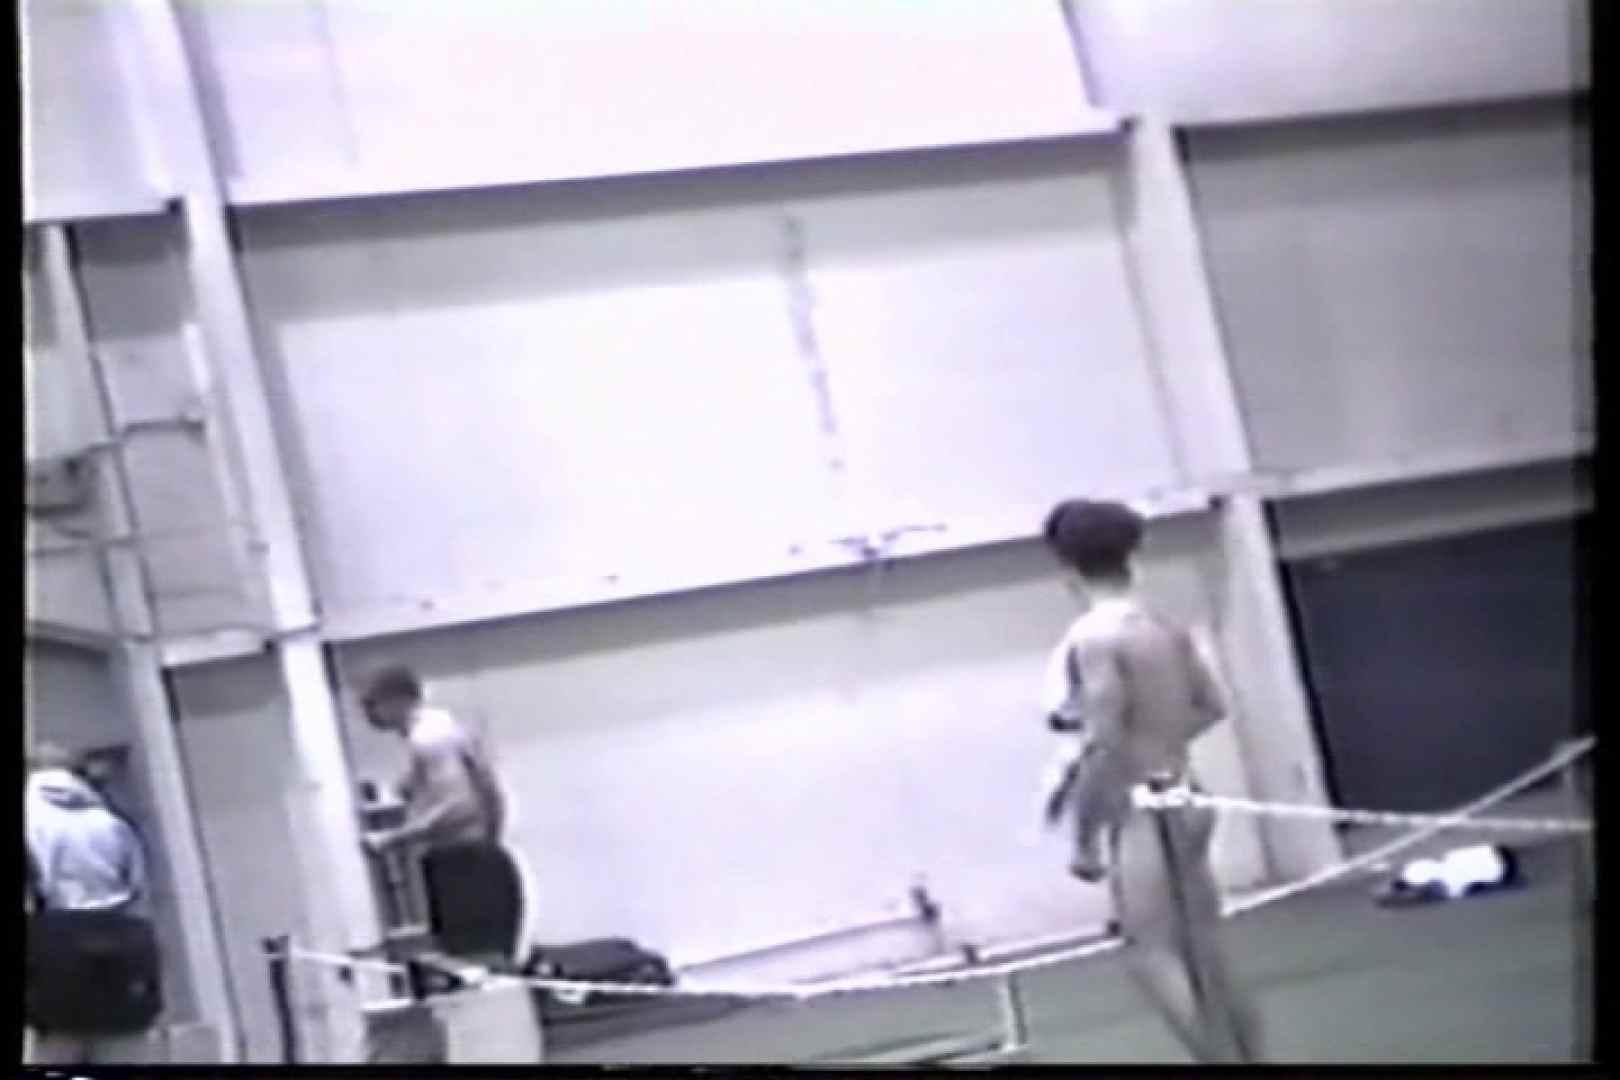 洋人さんの脱衣所を覗いてみました。VOL.5 ボーイズ覗き | ガチムチマッチョ系  80pic 41